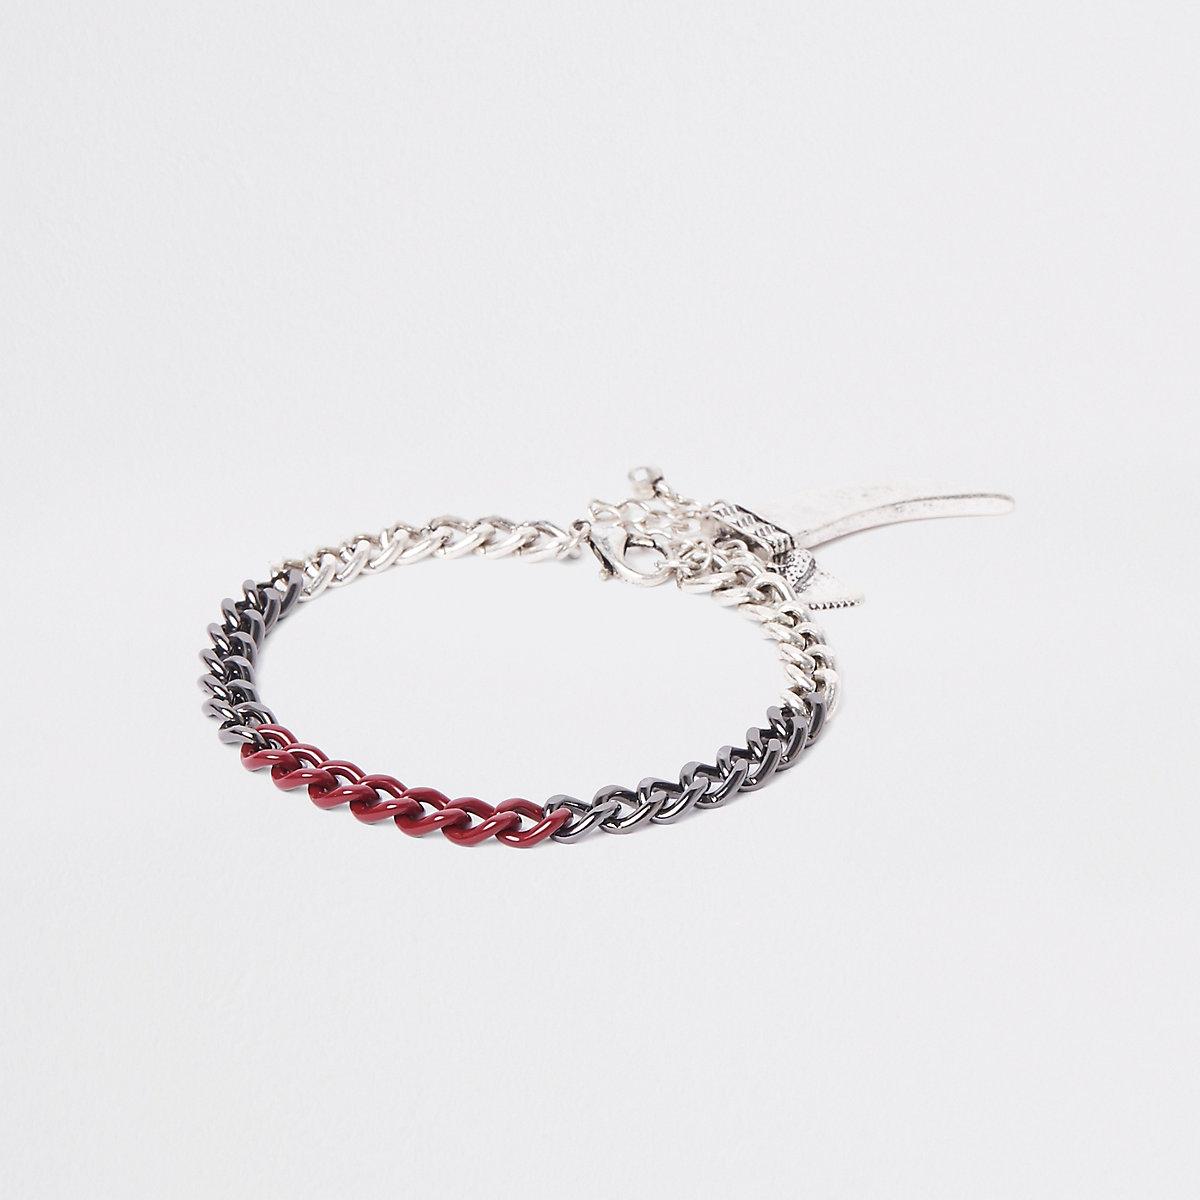 Bracelet chaîne argenté à dent de requin